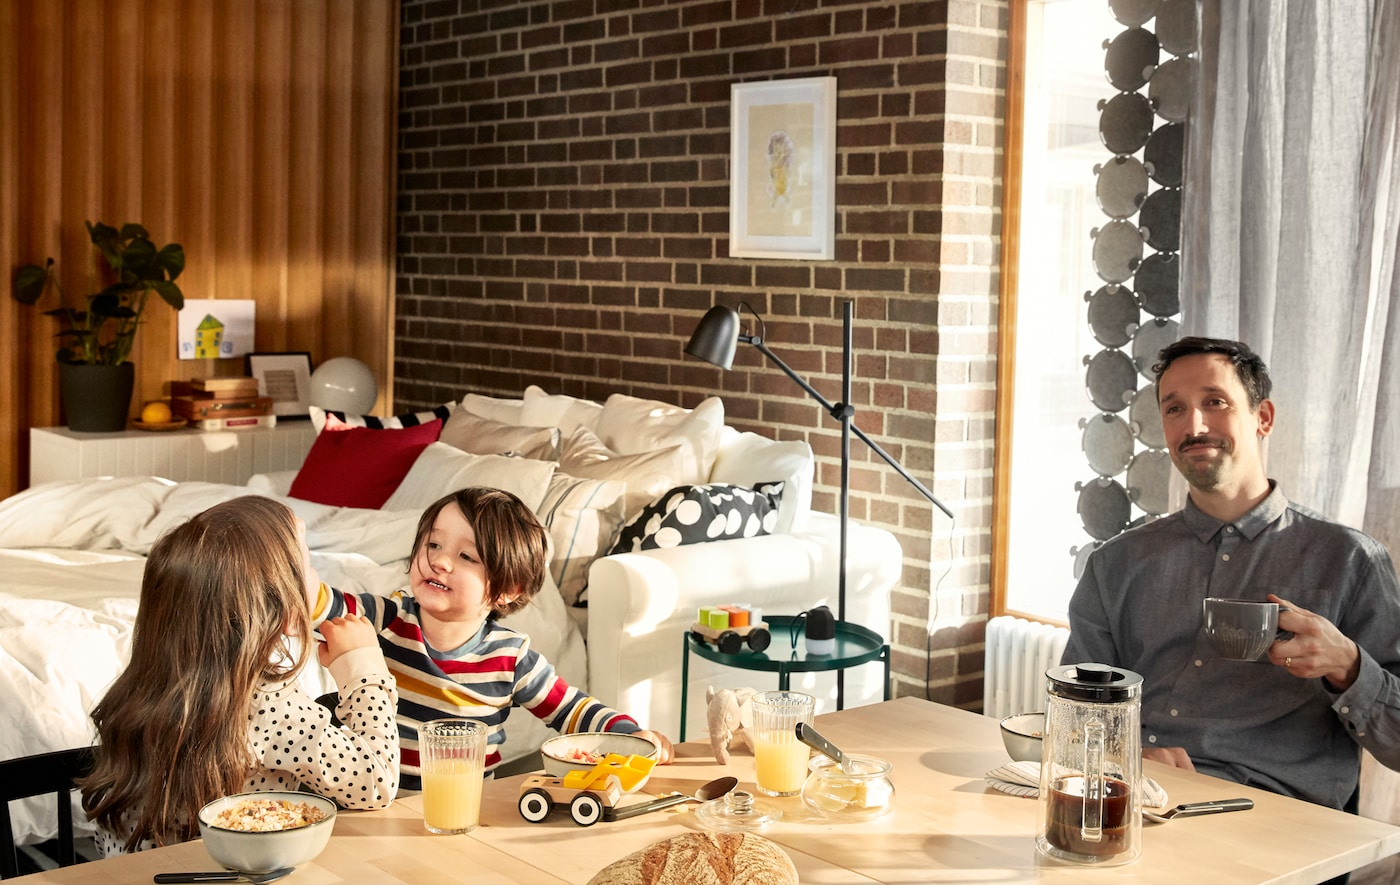 أب يجلس بهدوء على طاولة الفطور يشرب القهوة بينما يلعب طفليهبطعامهما بجانبه.